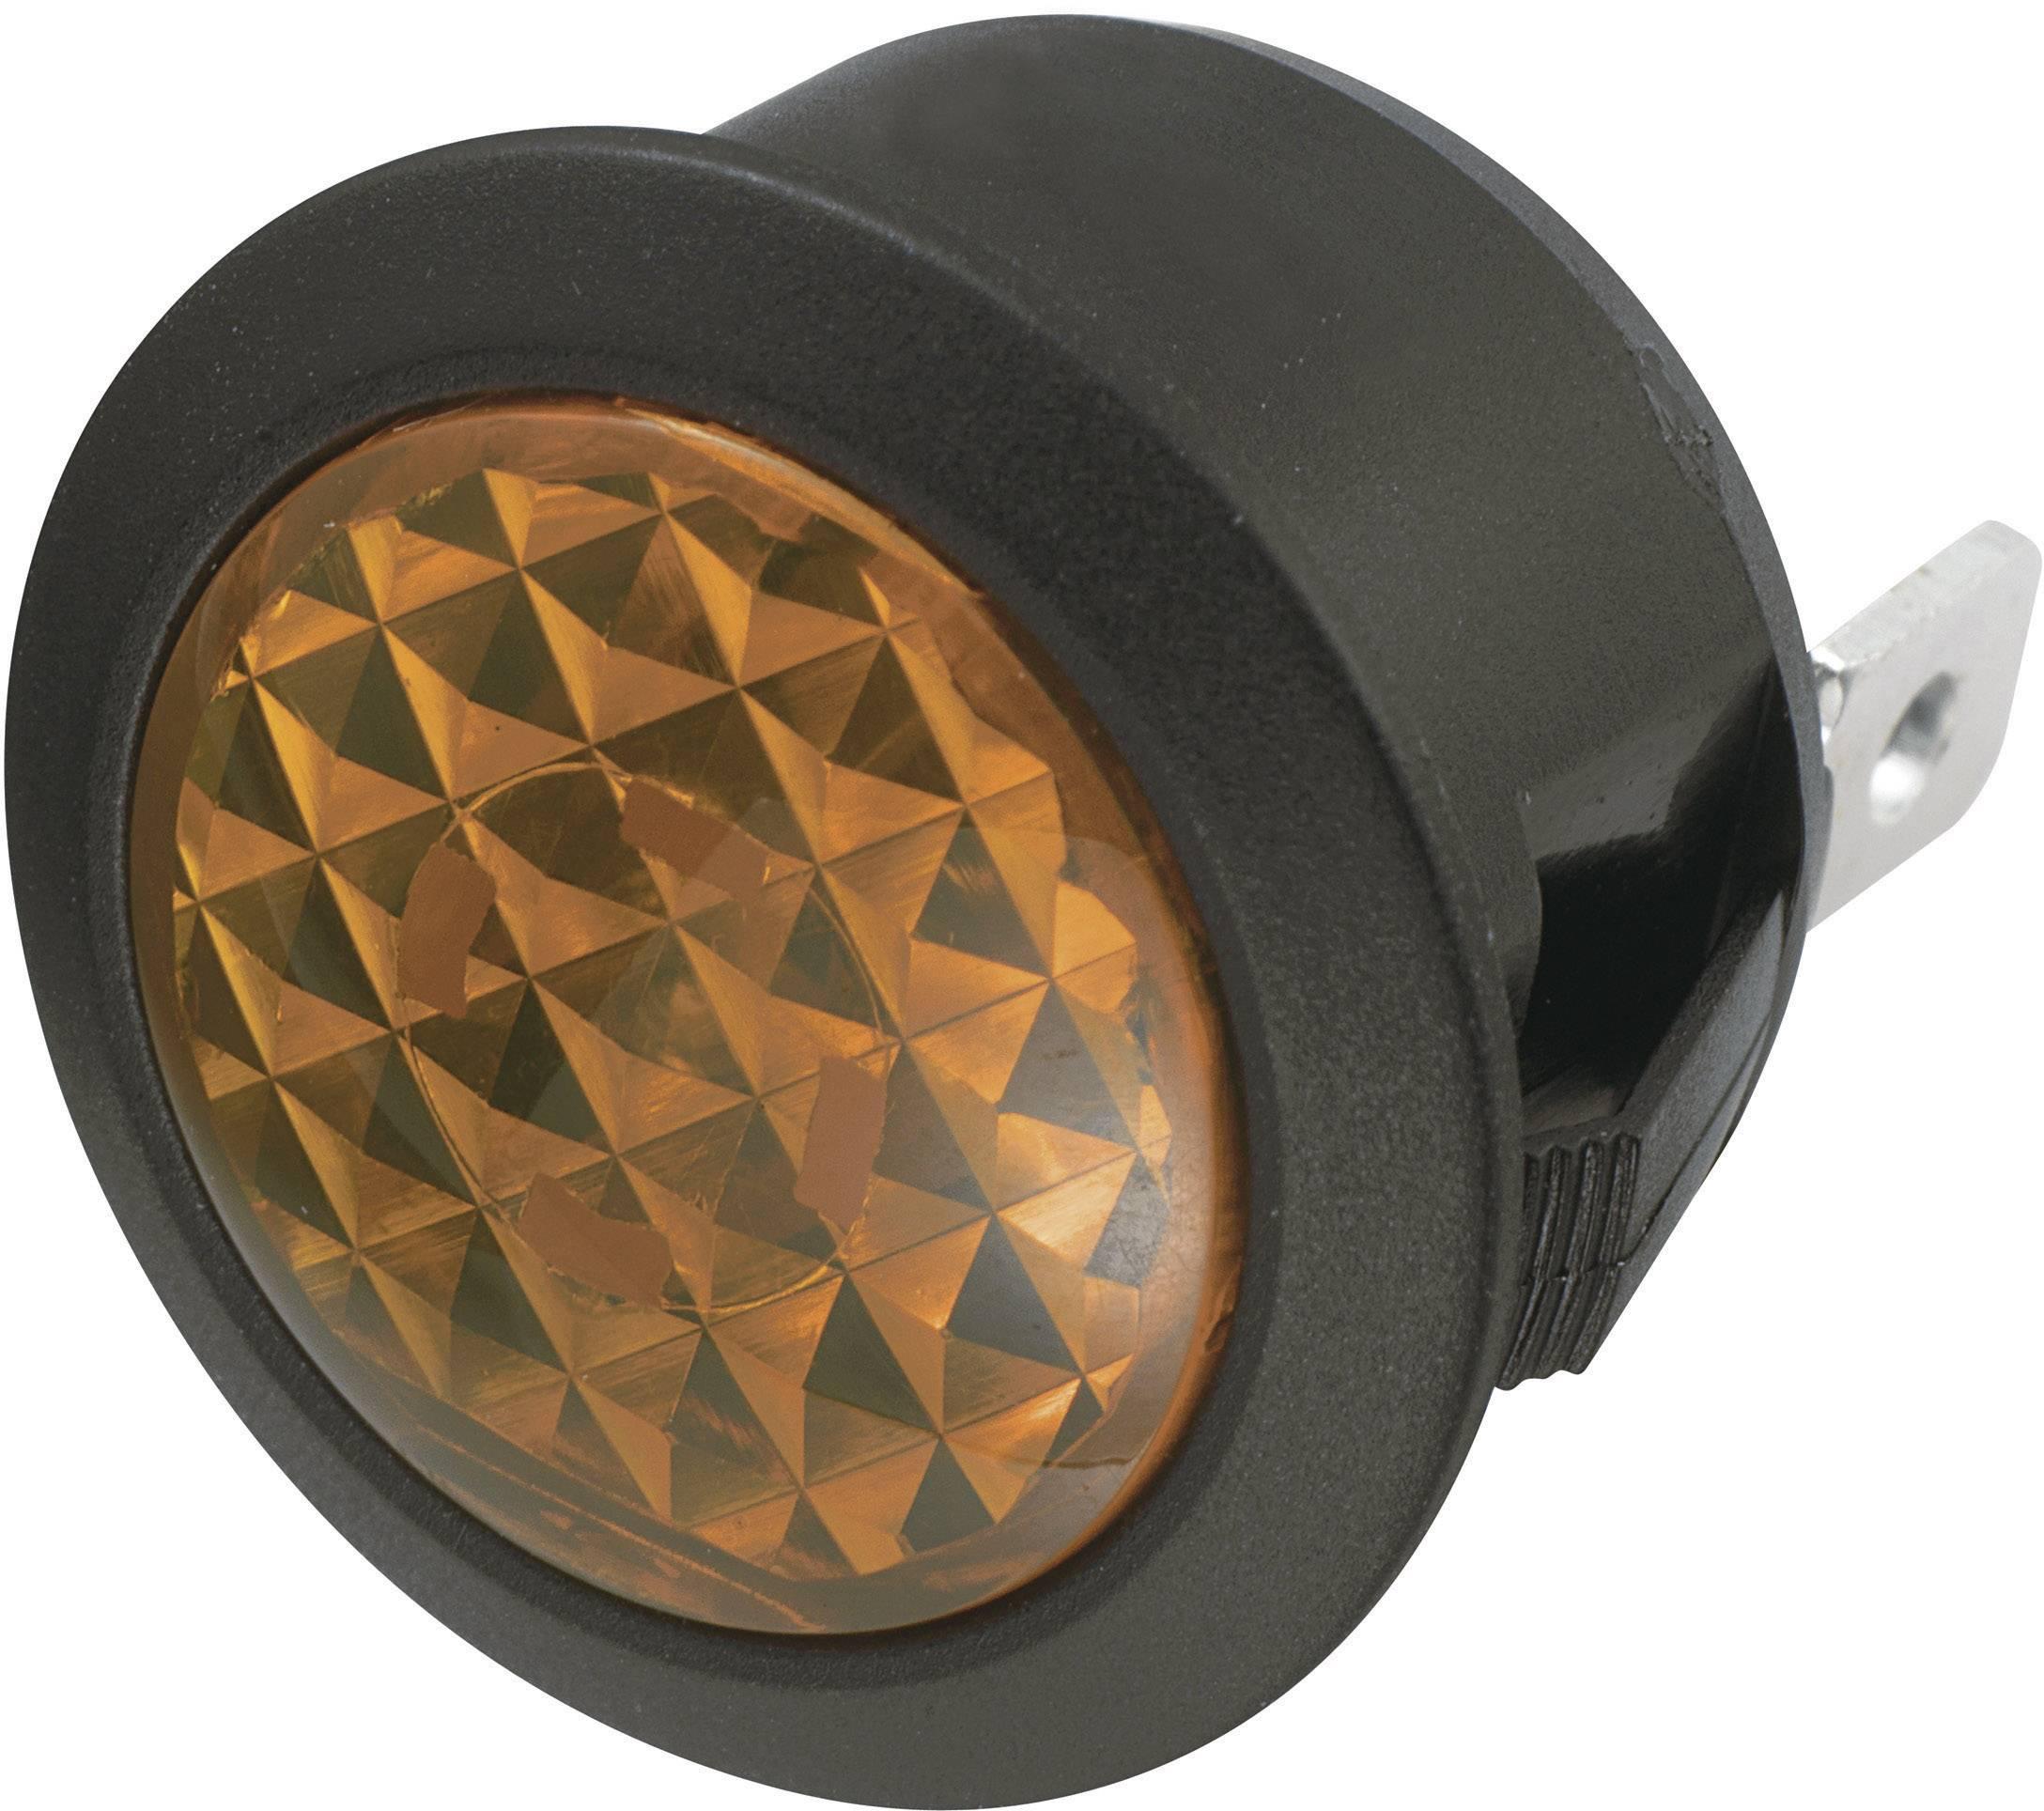 Signalizační světlo SCI, 12 V/DC, 20,2 mm, kulaté, jantarové